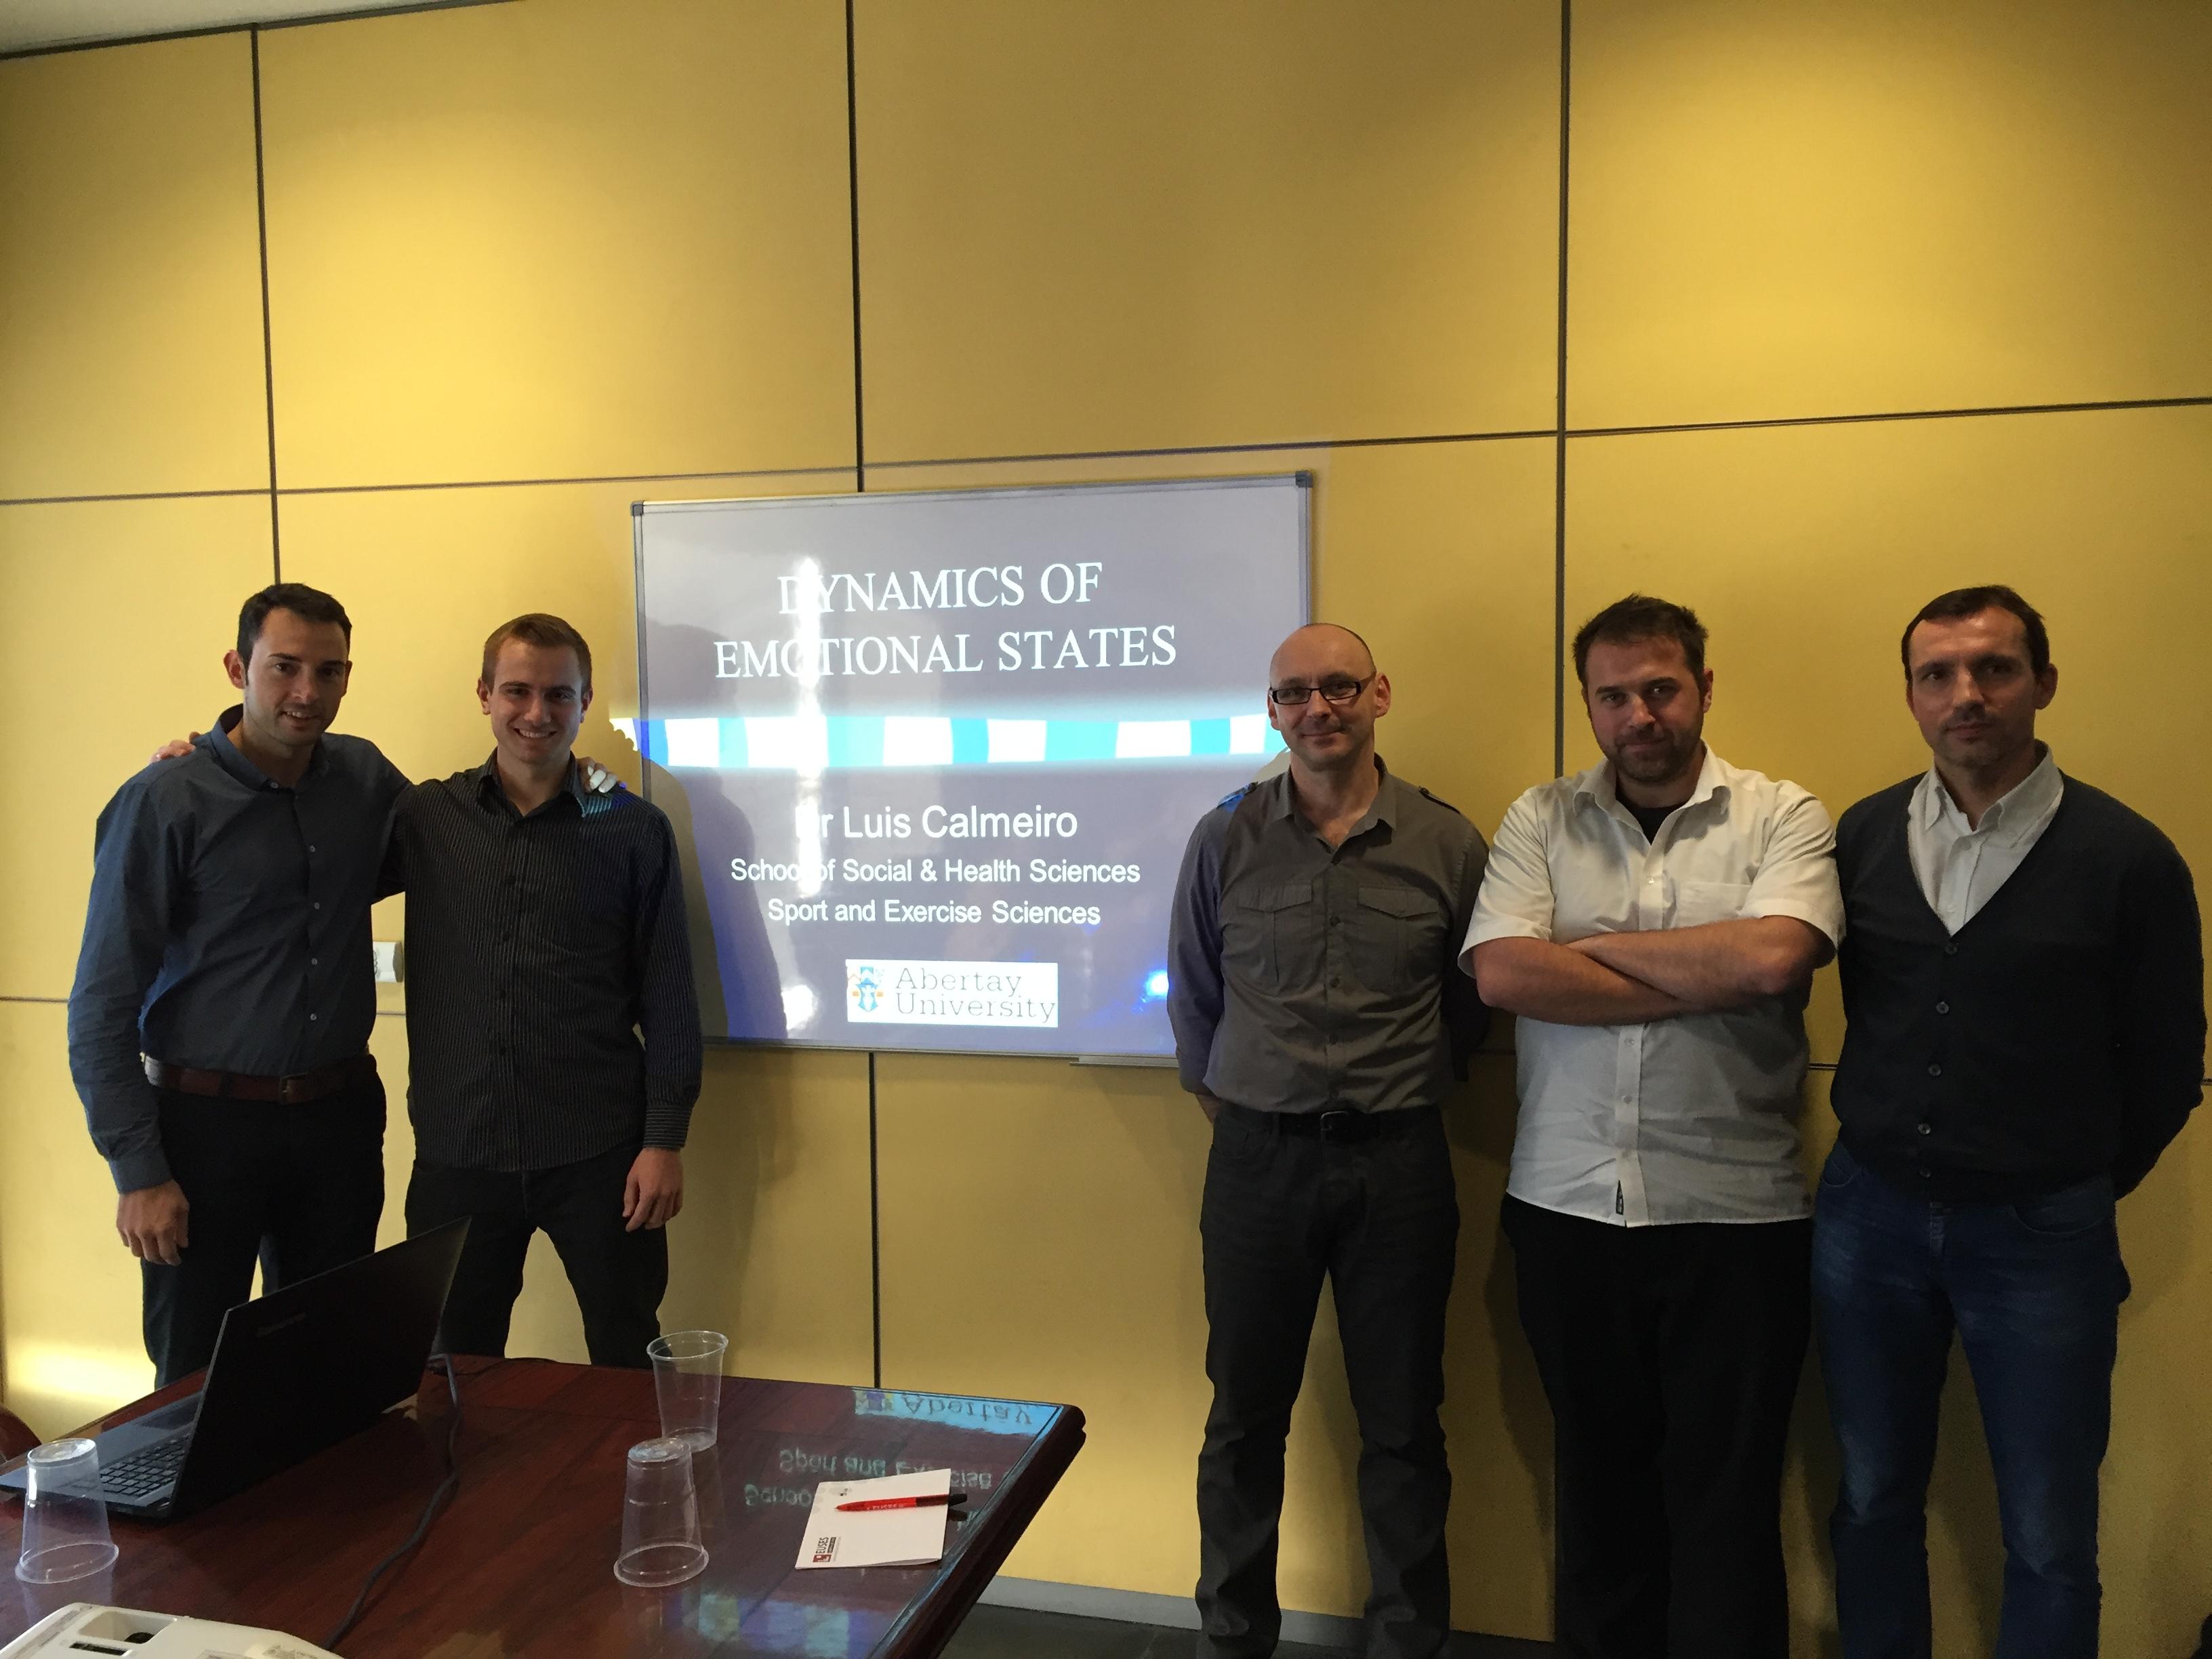 Visita de treball a EUSES del professor Dr. Luis Calmeiro, de la University of Abertay Dundee d'Escòcia